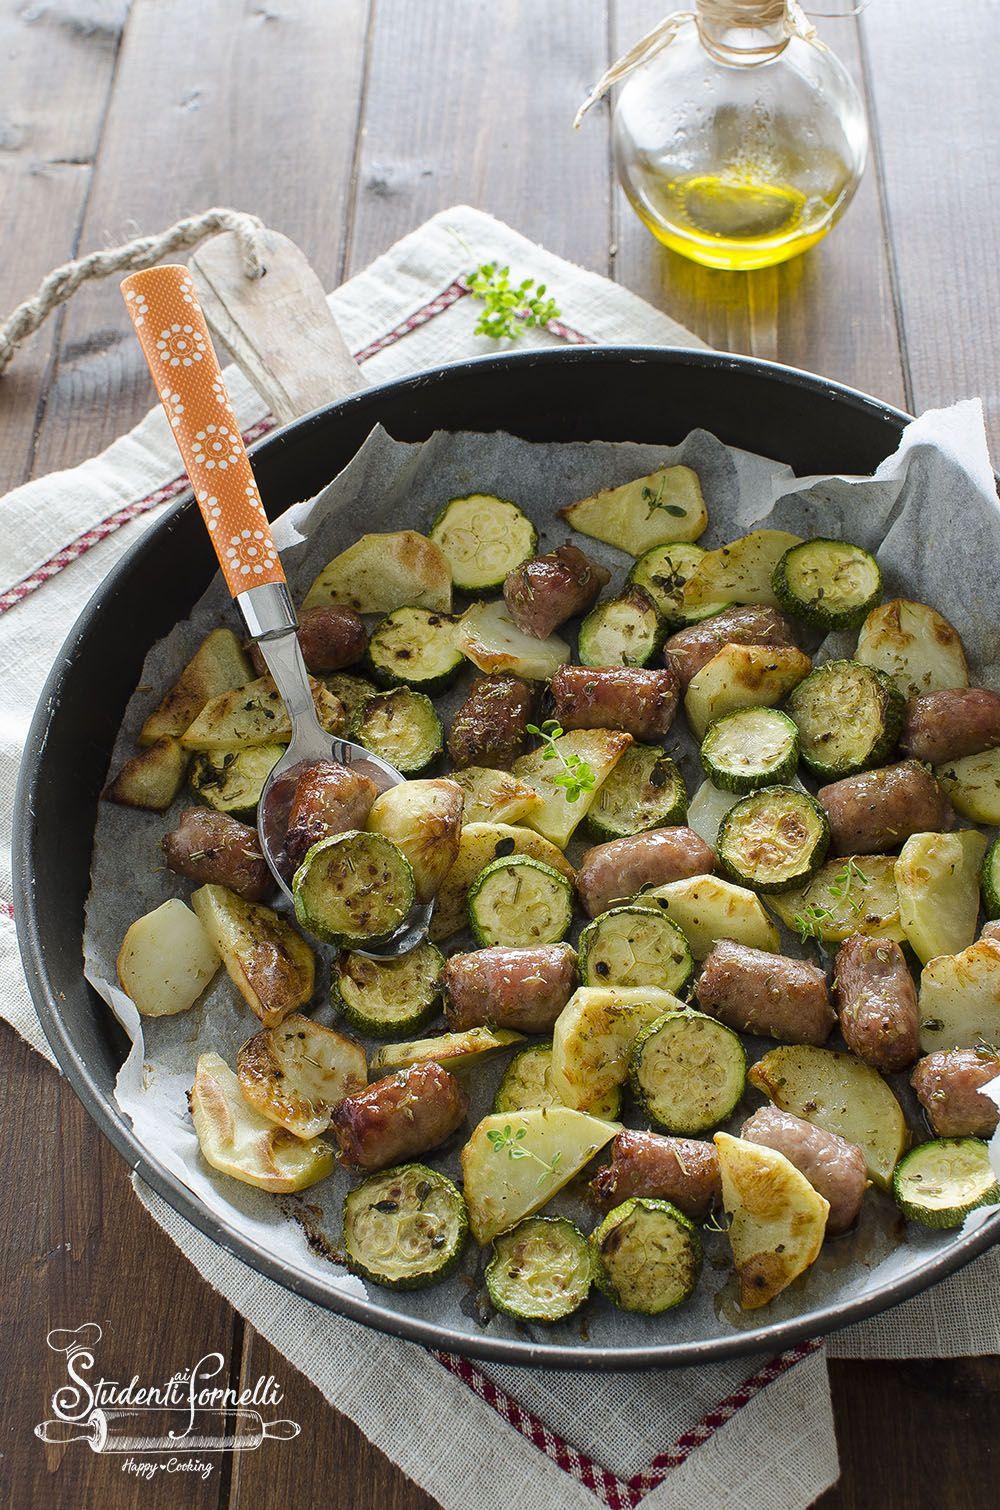 0f8171dd08c8891c42731a4856e07896 - Ricette Con Zucchine E Patate